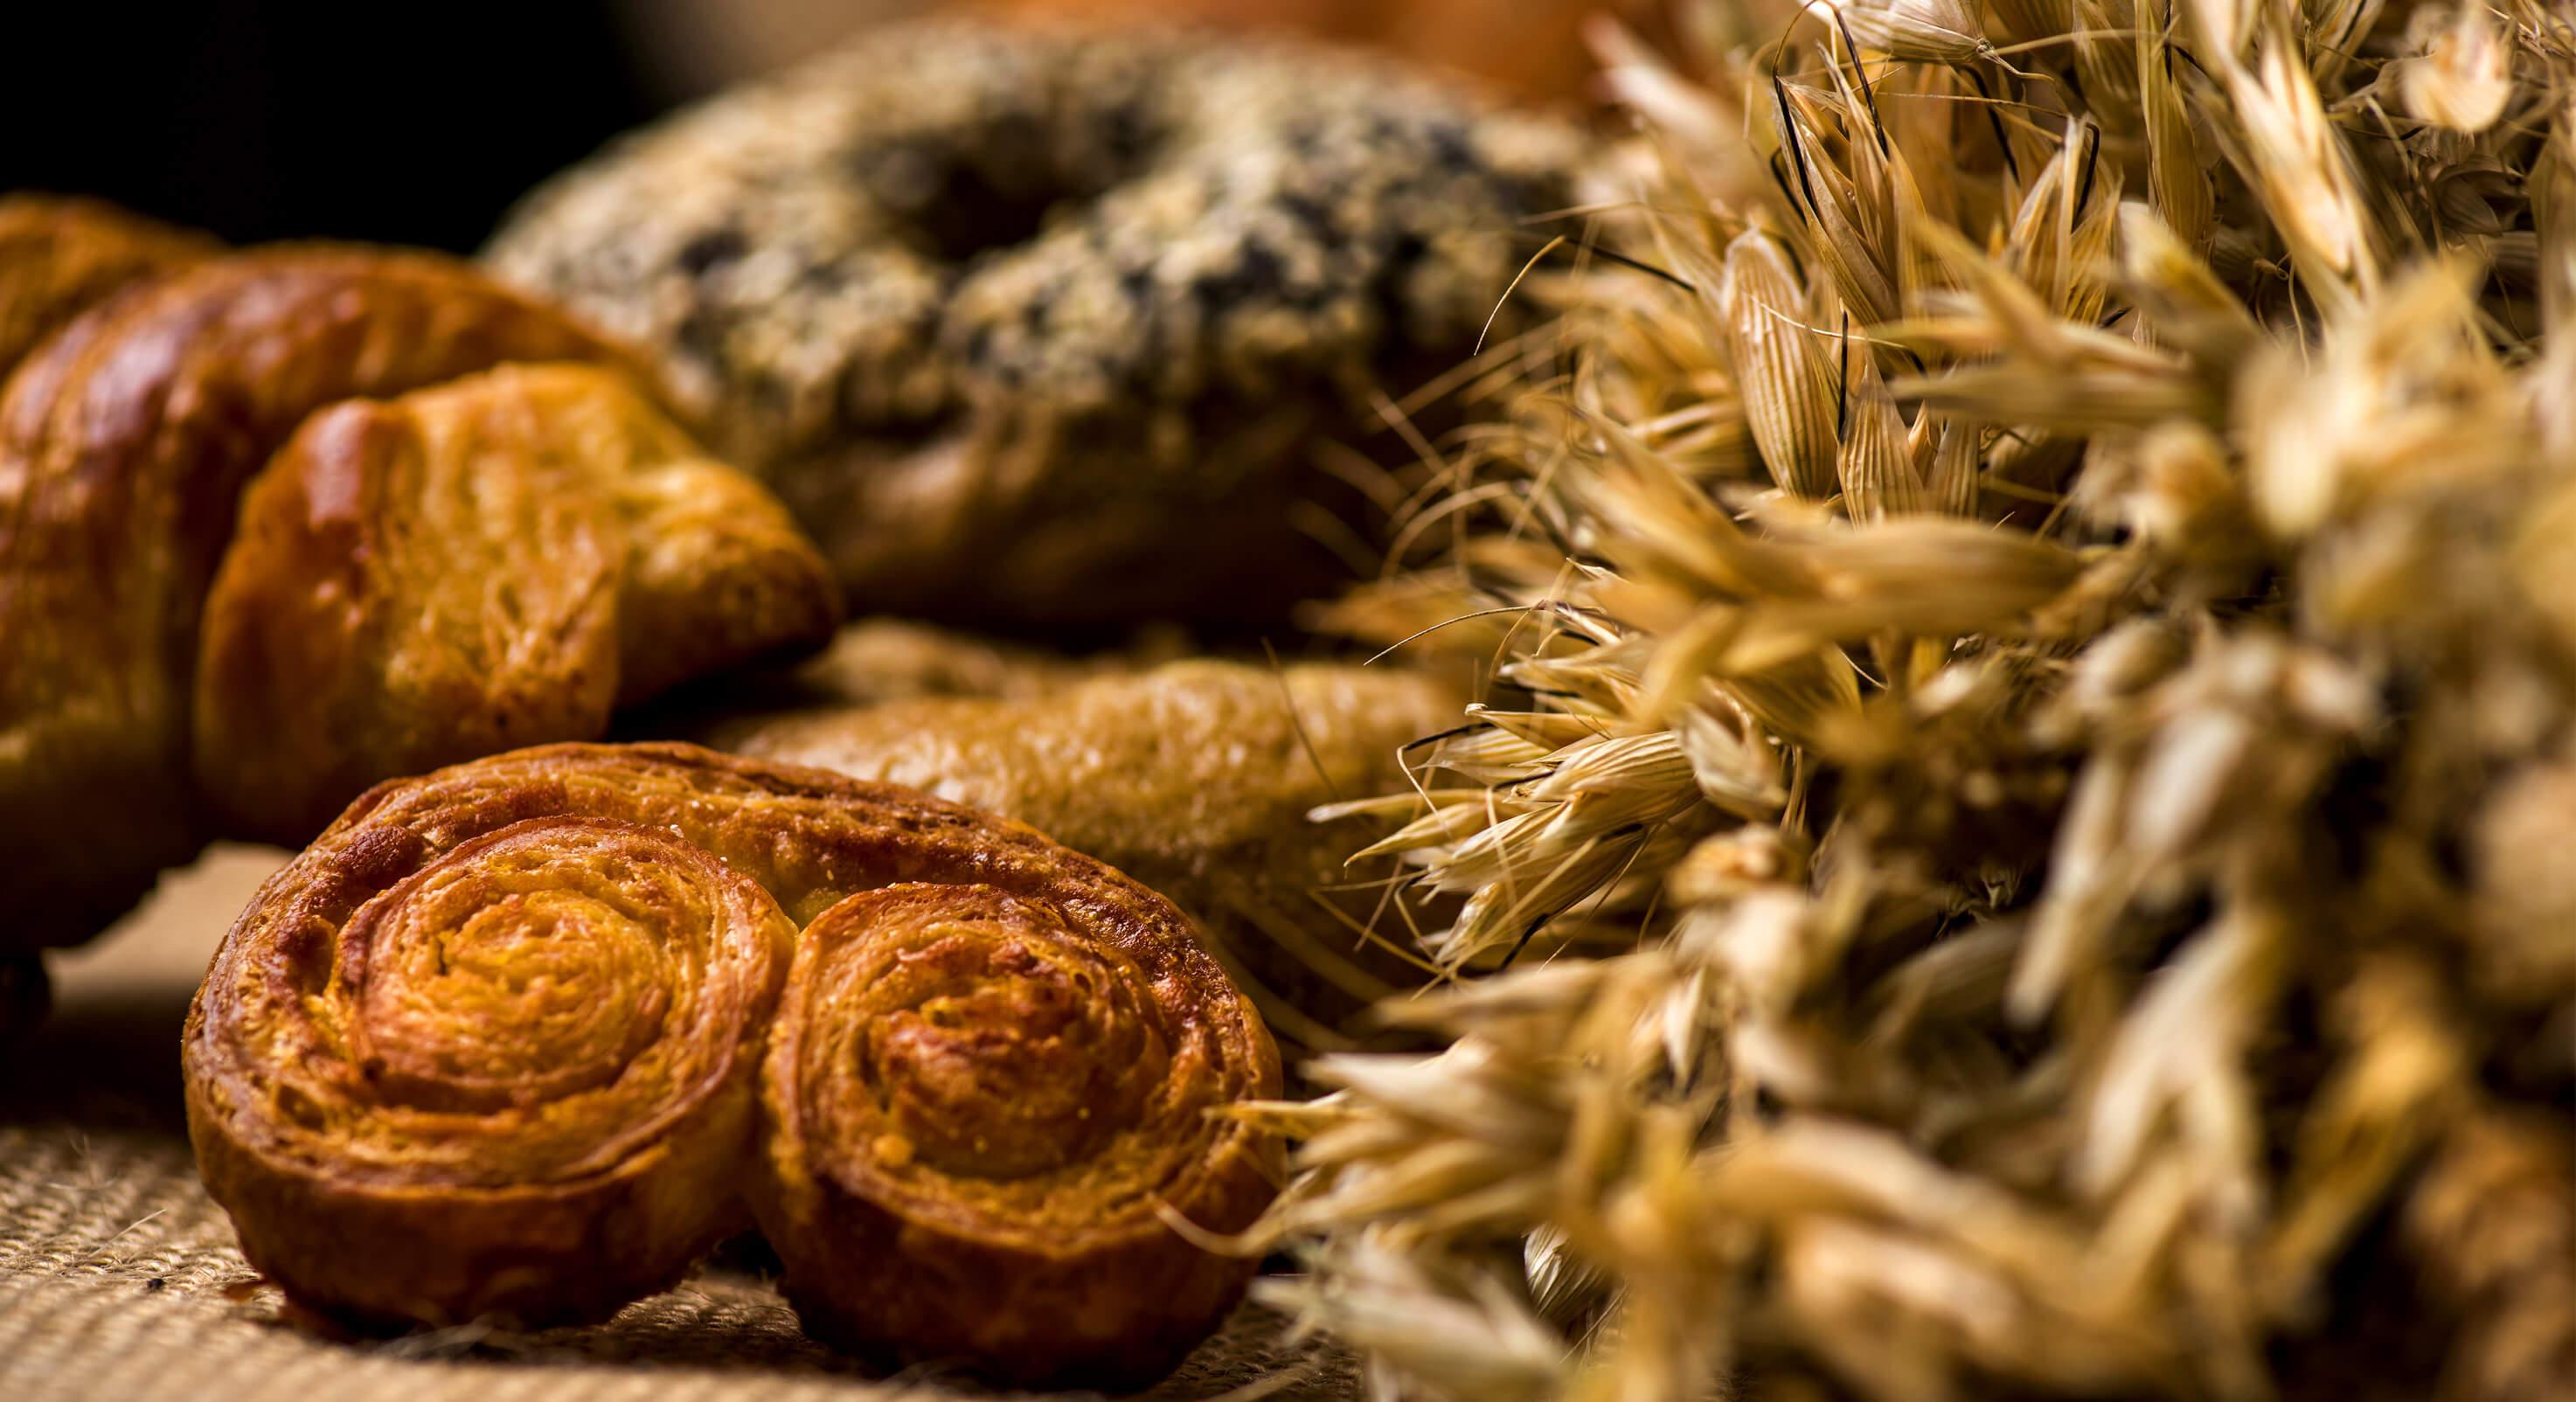 Bread-and-grain2-1-1-1-1